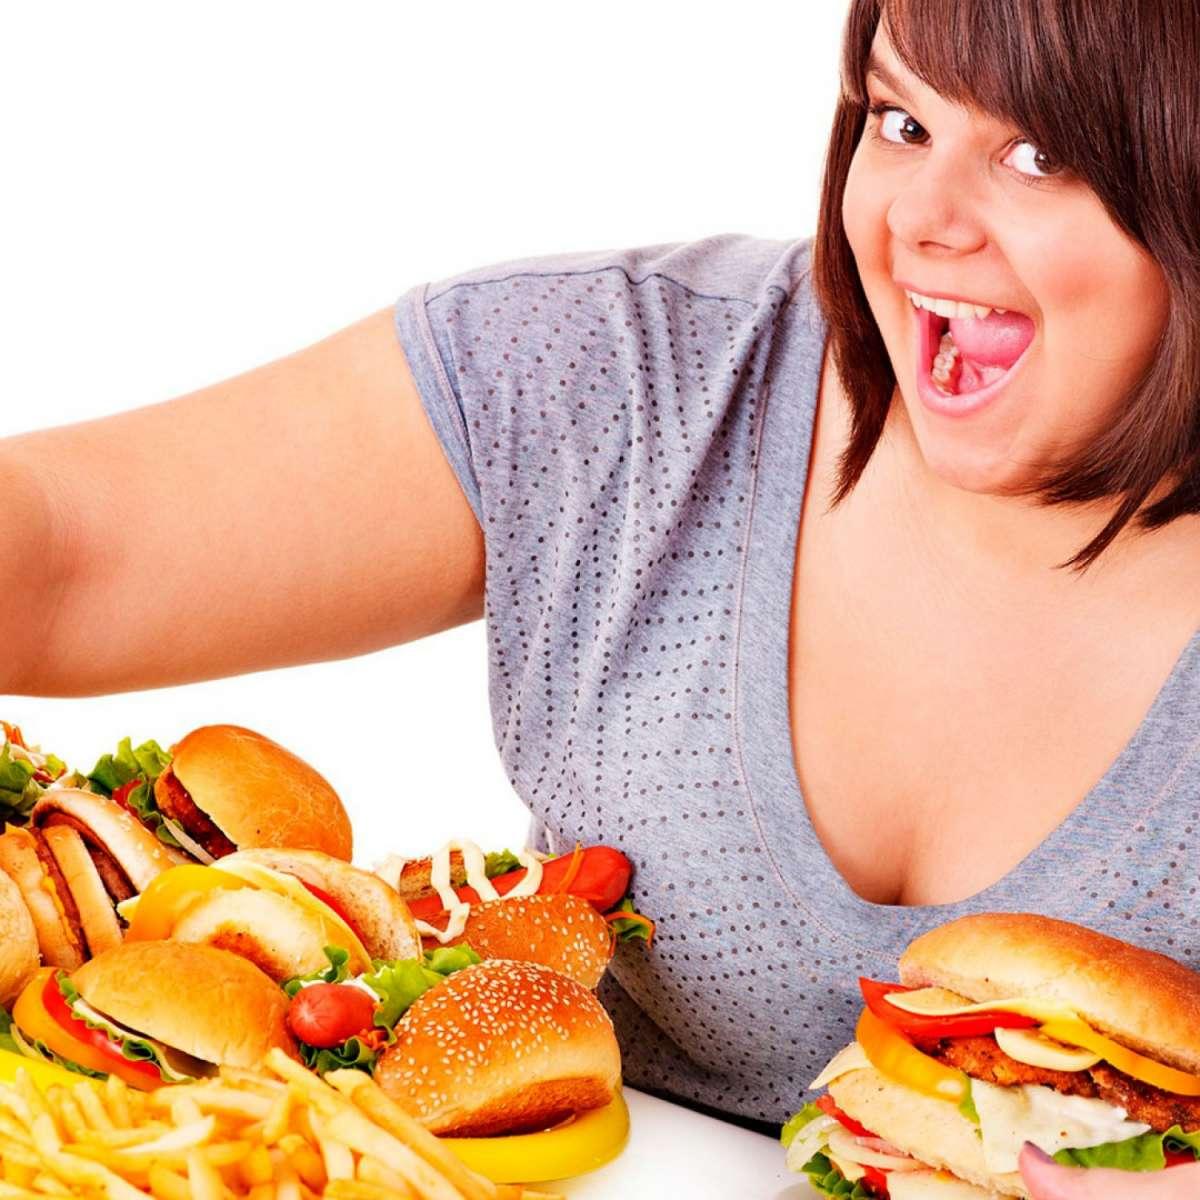 Переработанные продукты питания приводят к онкологии и преждевременной смерти